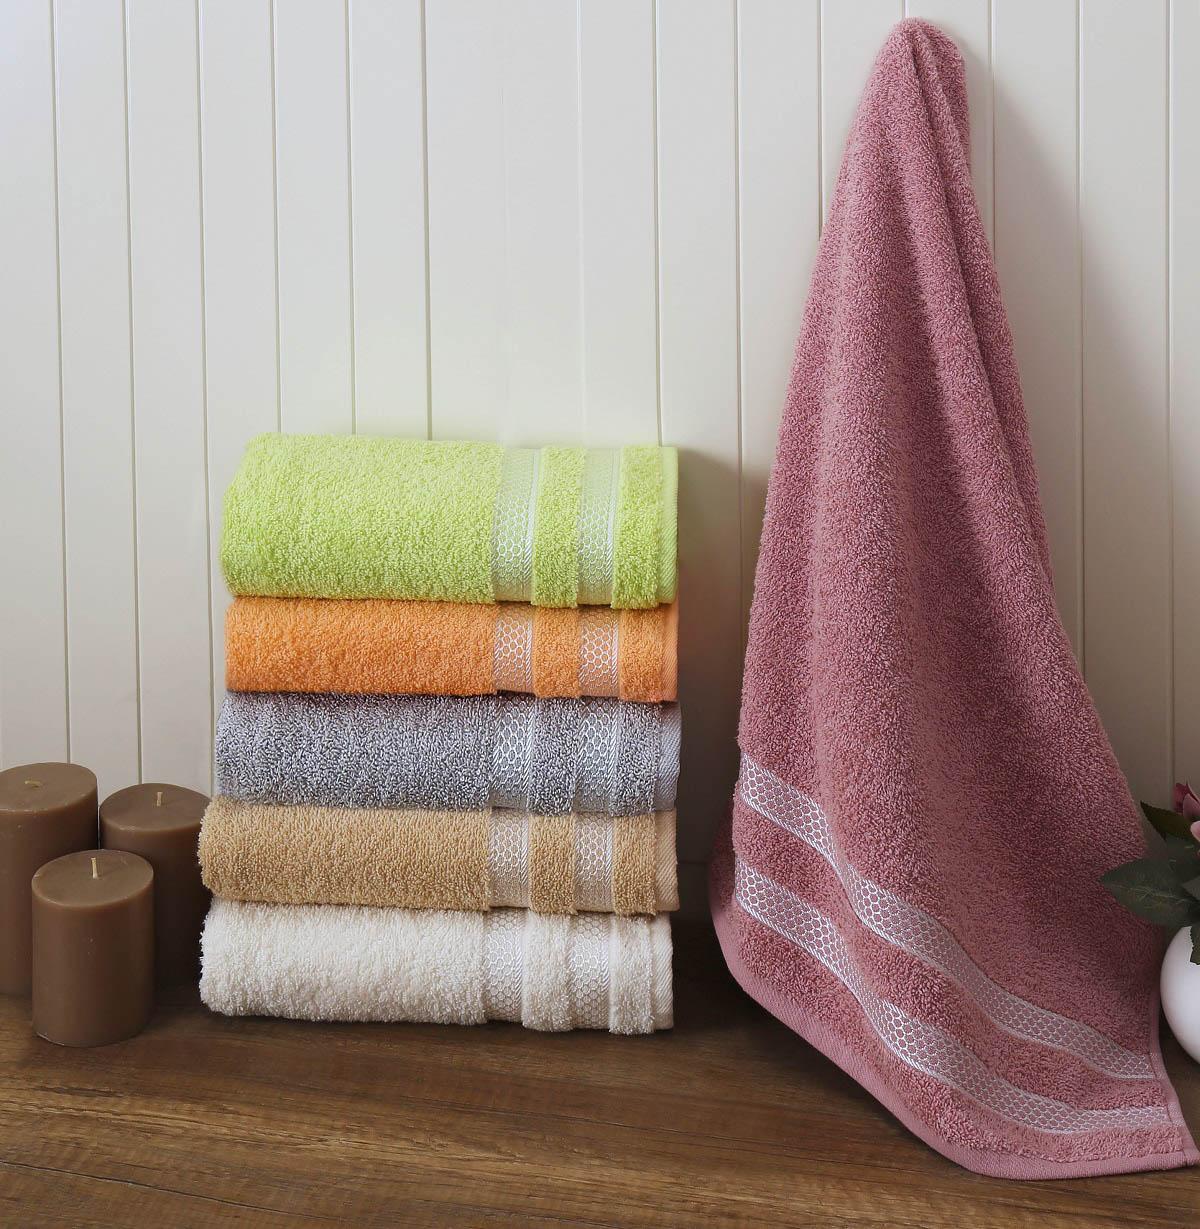 Полотенца Karna Полотенце Petek Цвет: Грязно-Розовый (70х140 см) modalin modalin полотенце petek цвет розовый 70х140 см